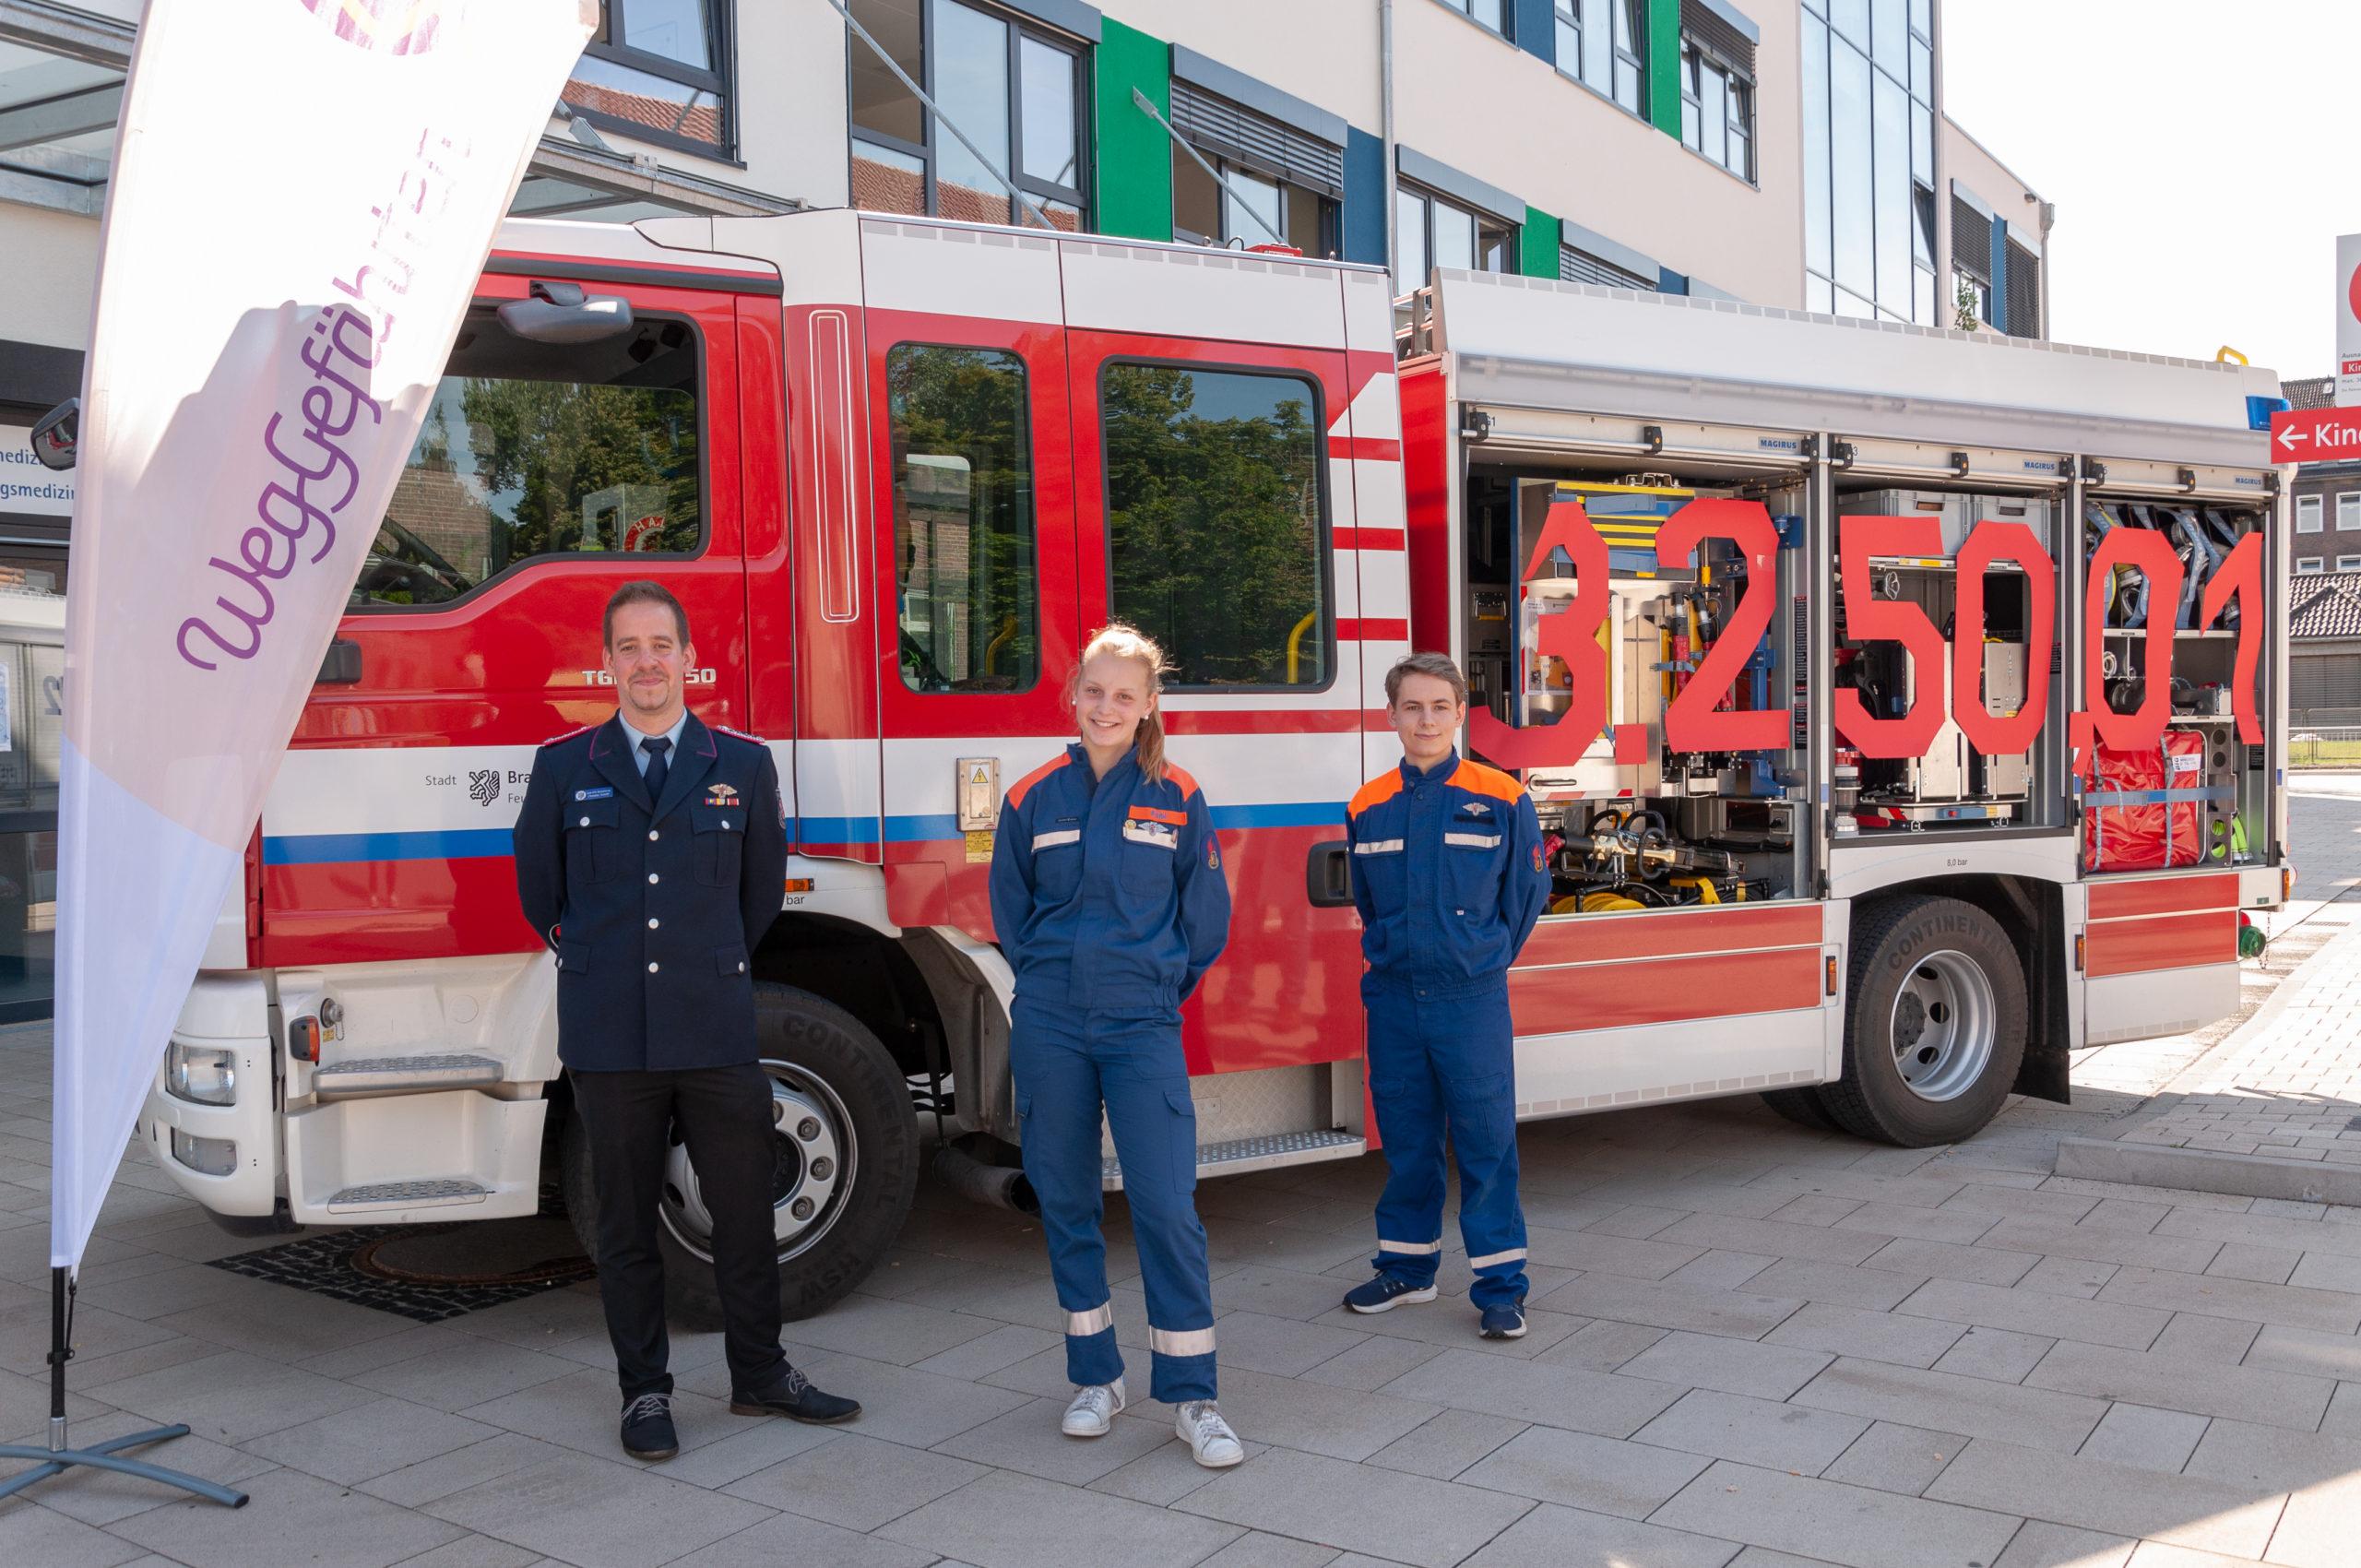 Jugendforum der Jugendfeuerwehr Braunschweig sammelt über 3.200 Euro für wohltätigen Zweck